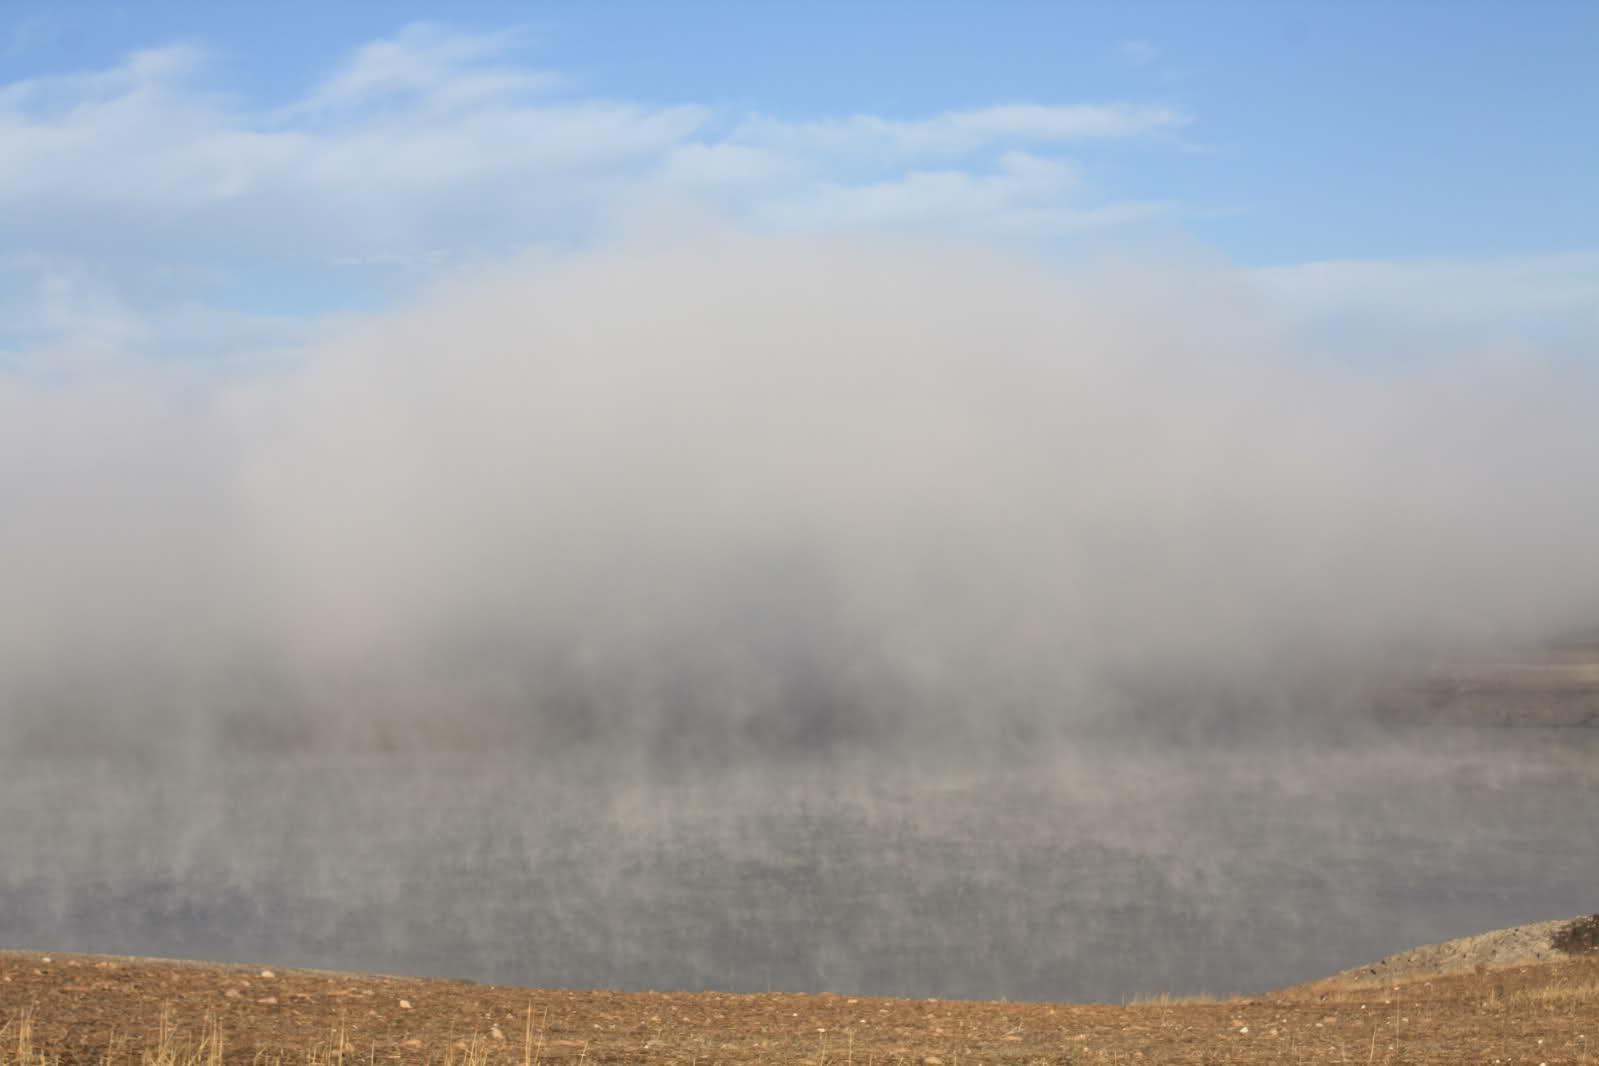 Niebla en el embalse de Ricobayo (Zamora) el domingo pasado. Foto Zamorano. Meteored.